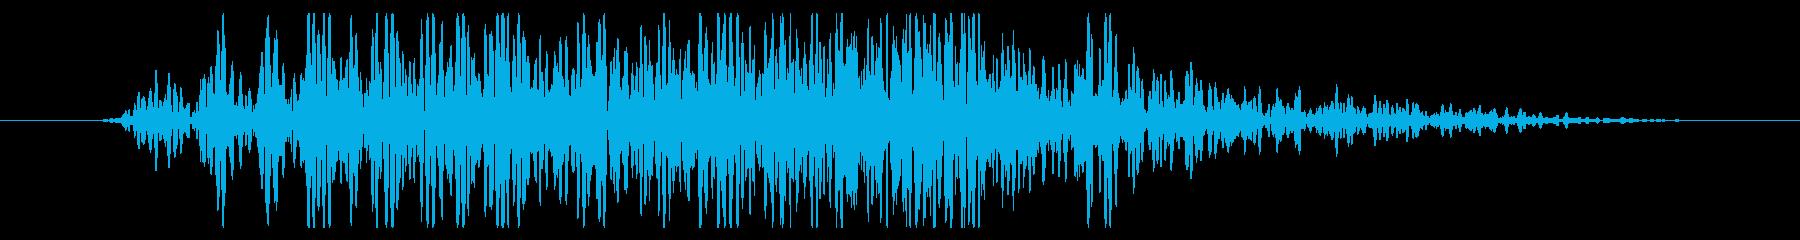 斬撃 ディープスコールヘビーショート03の再生済みの波形